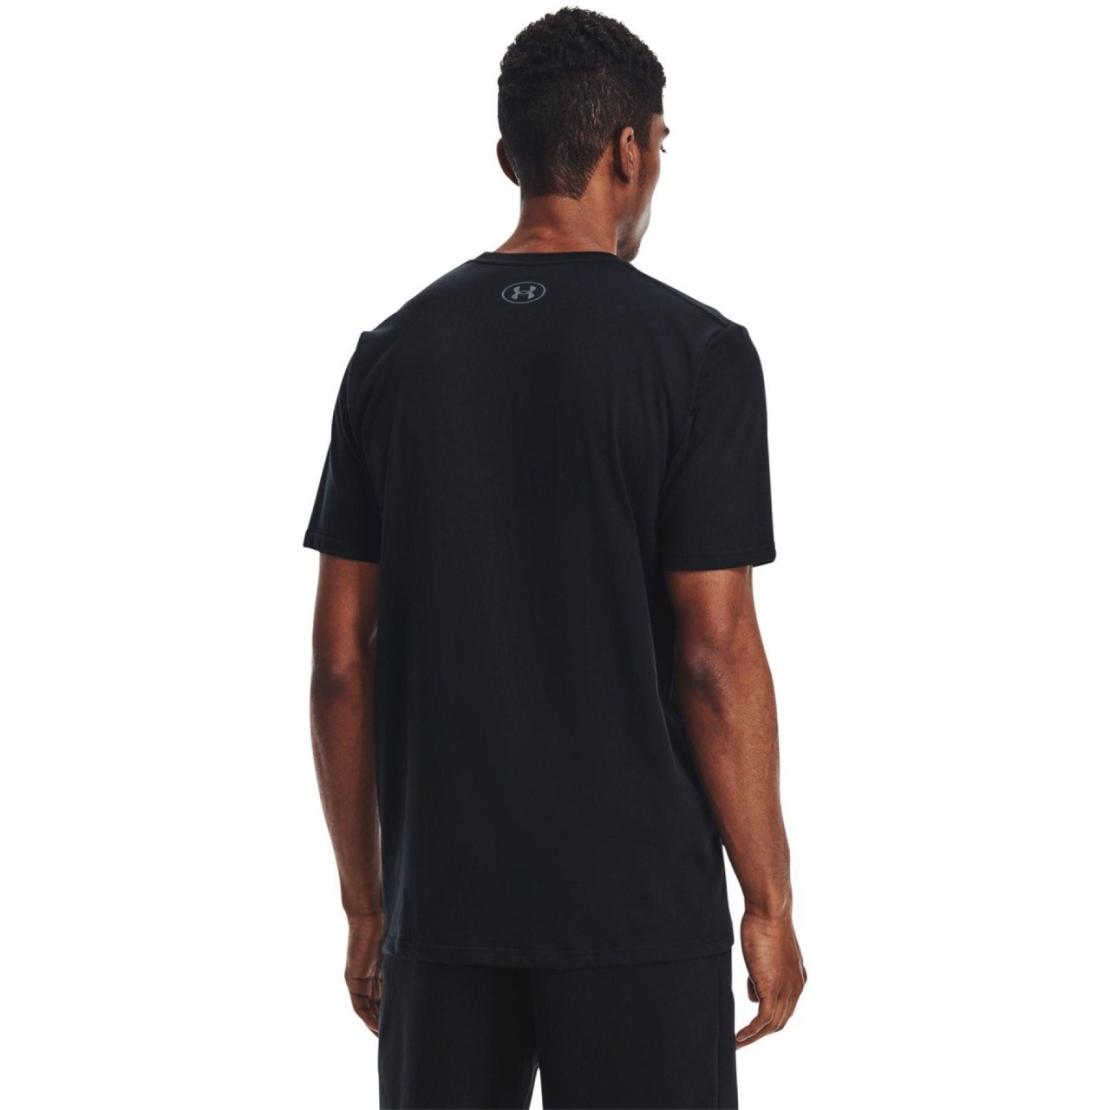 חולצת אנדר ארמור גברים | Under Armour Short Sleeve Fast Left Chest T-Shirt